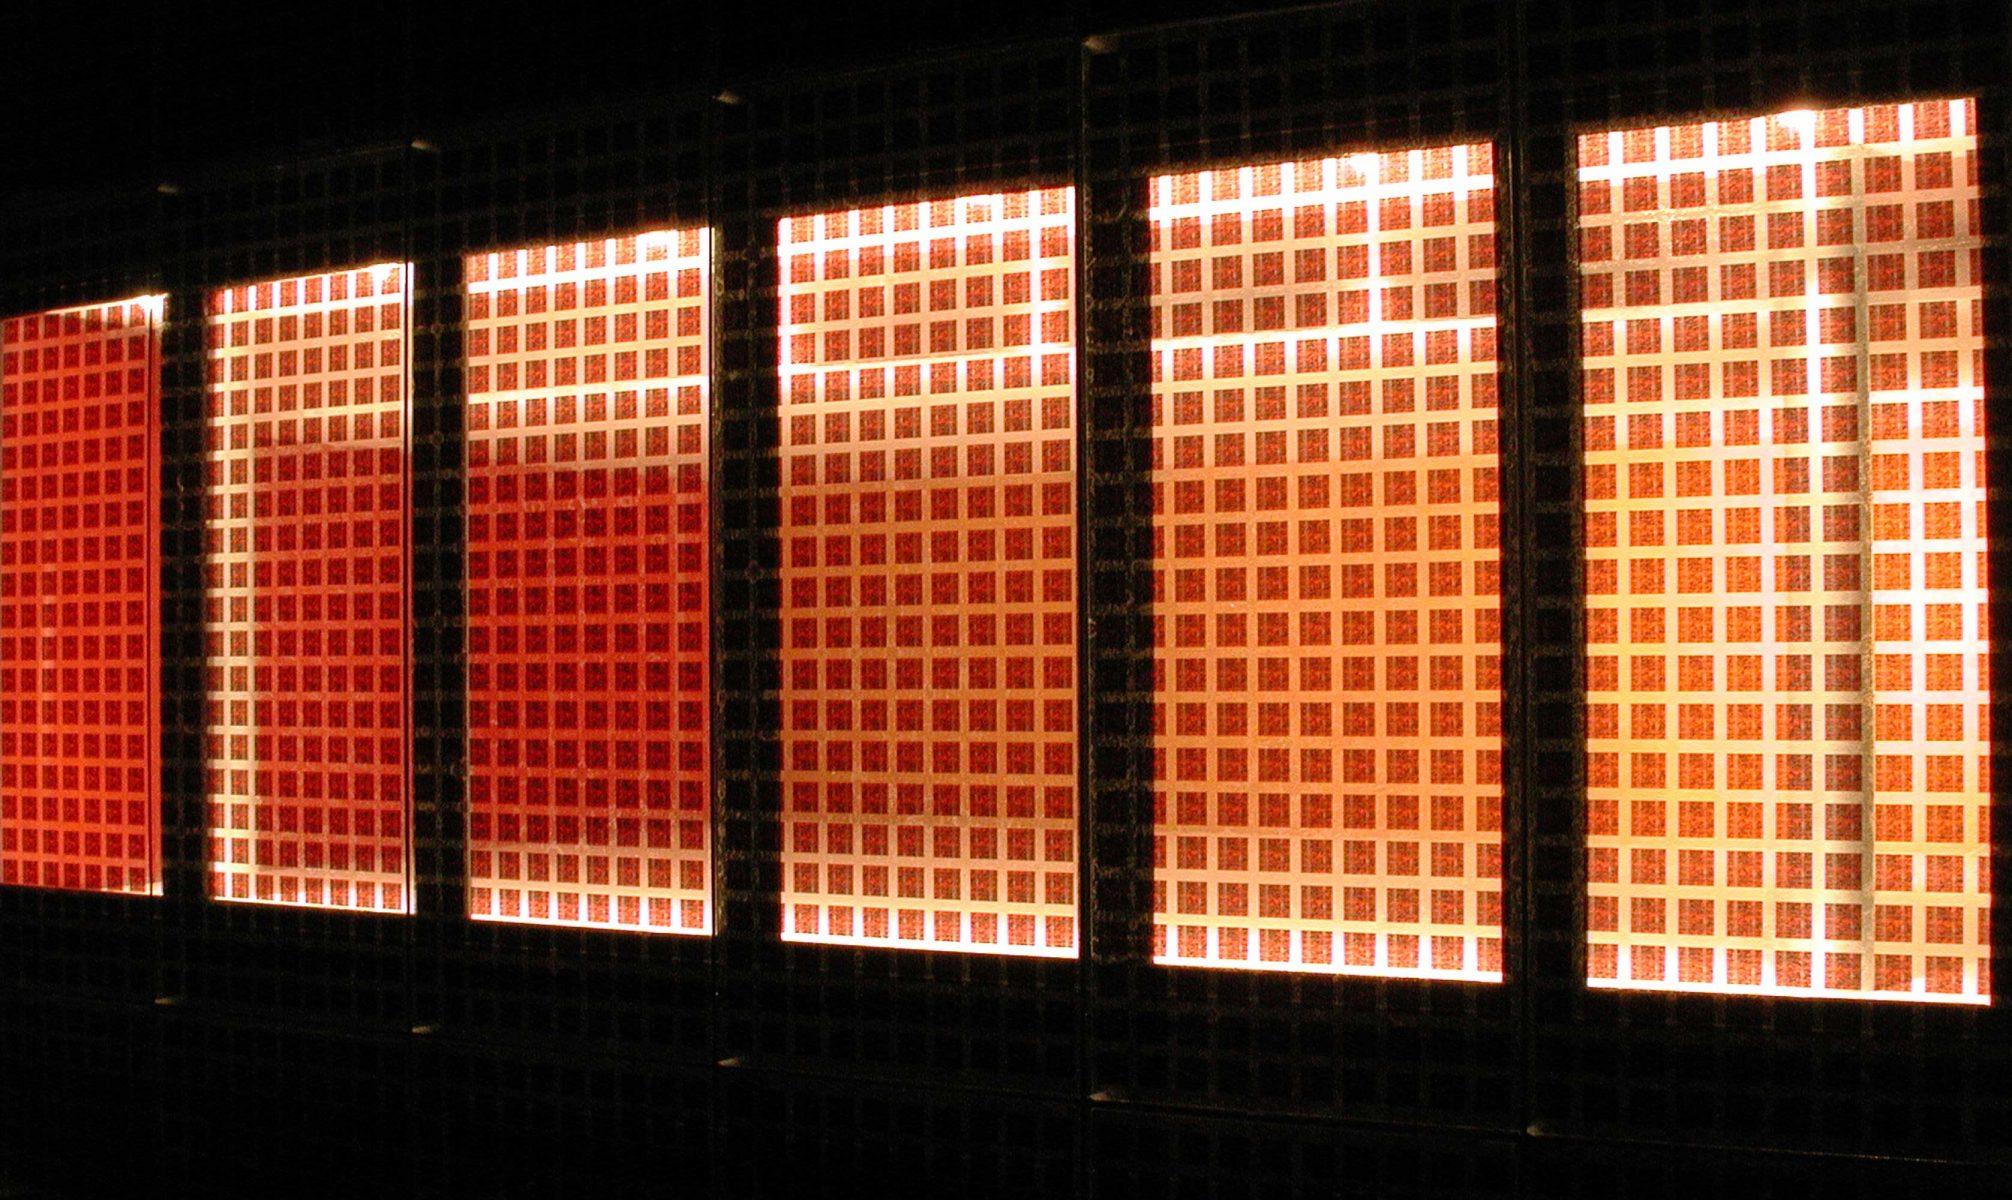 banque-pictet-facade-photovoltaique